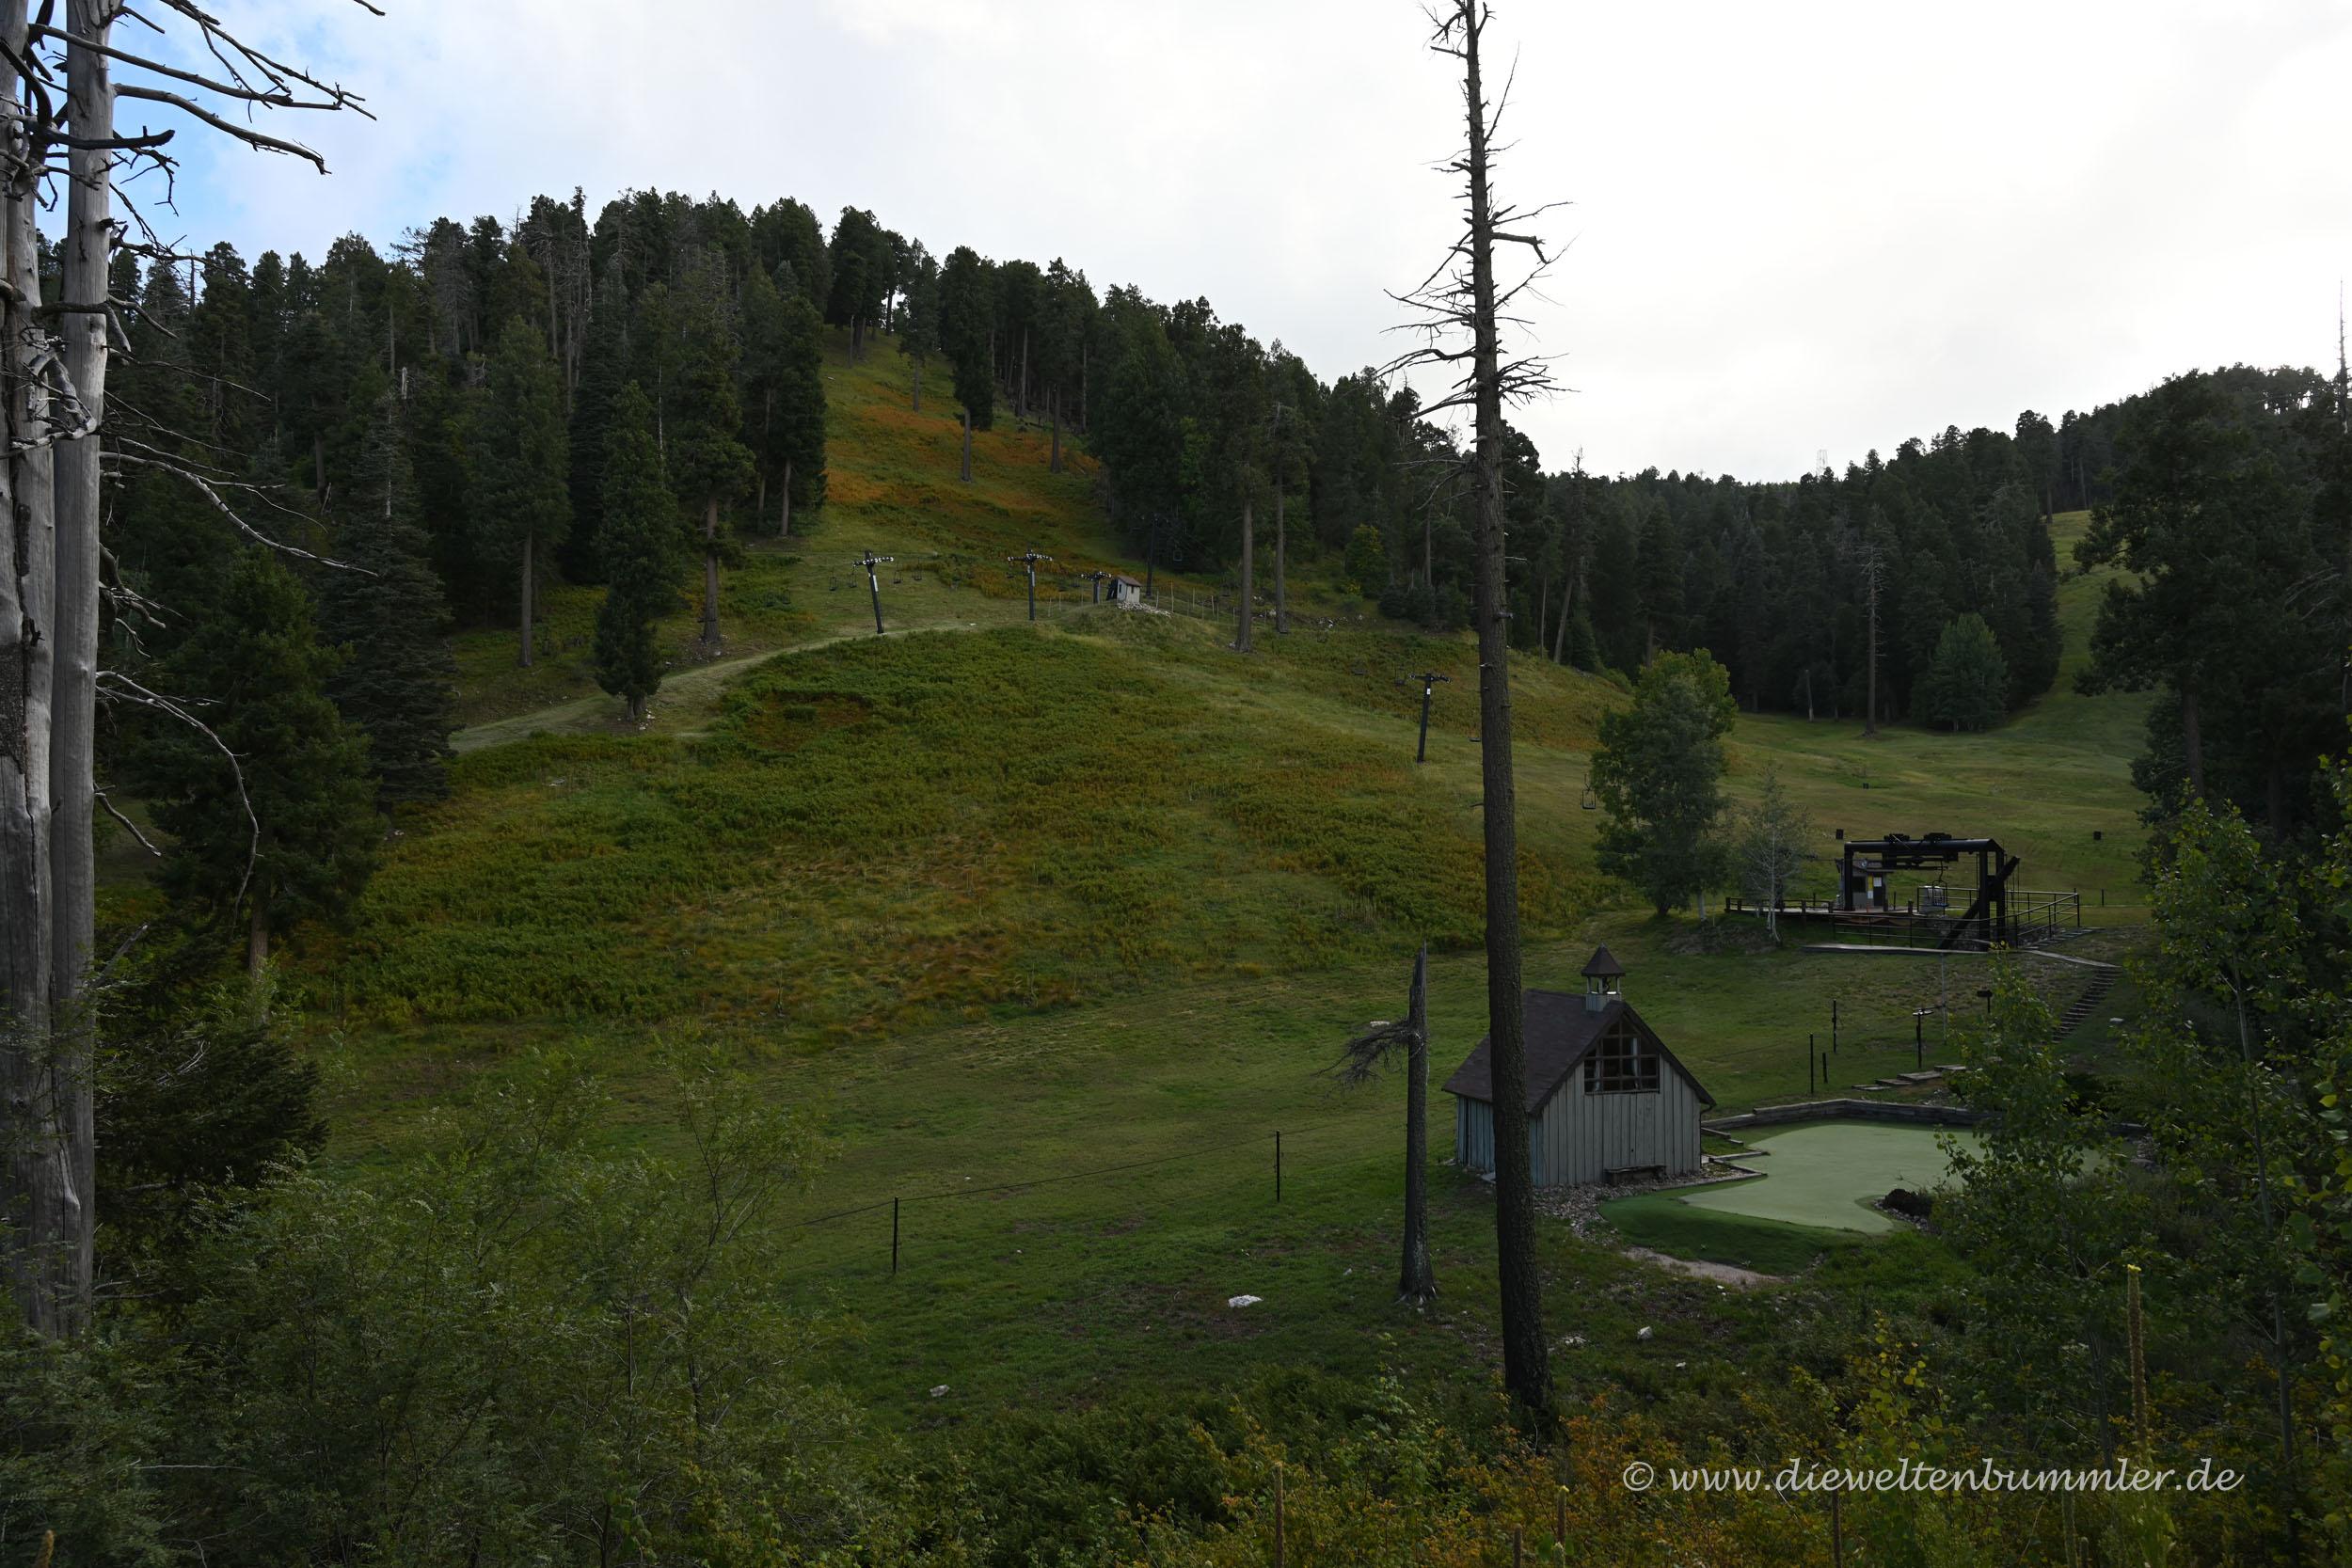 Kleines Skigebiet in Gipfelnähe